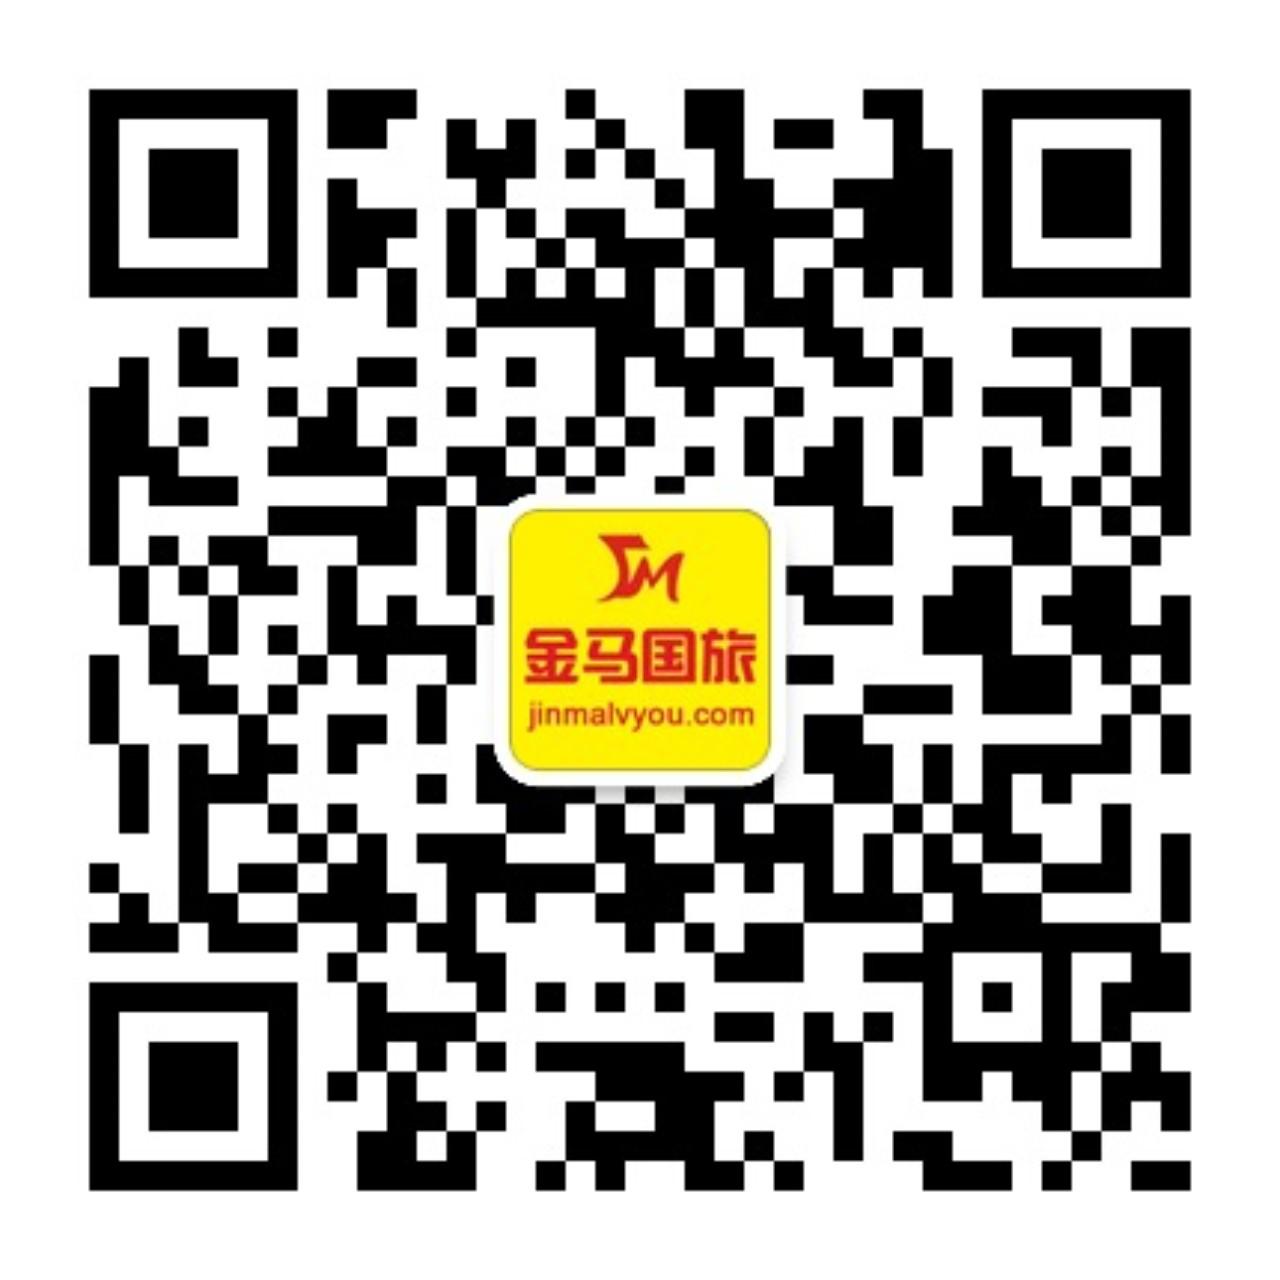 金马国旅微信